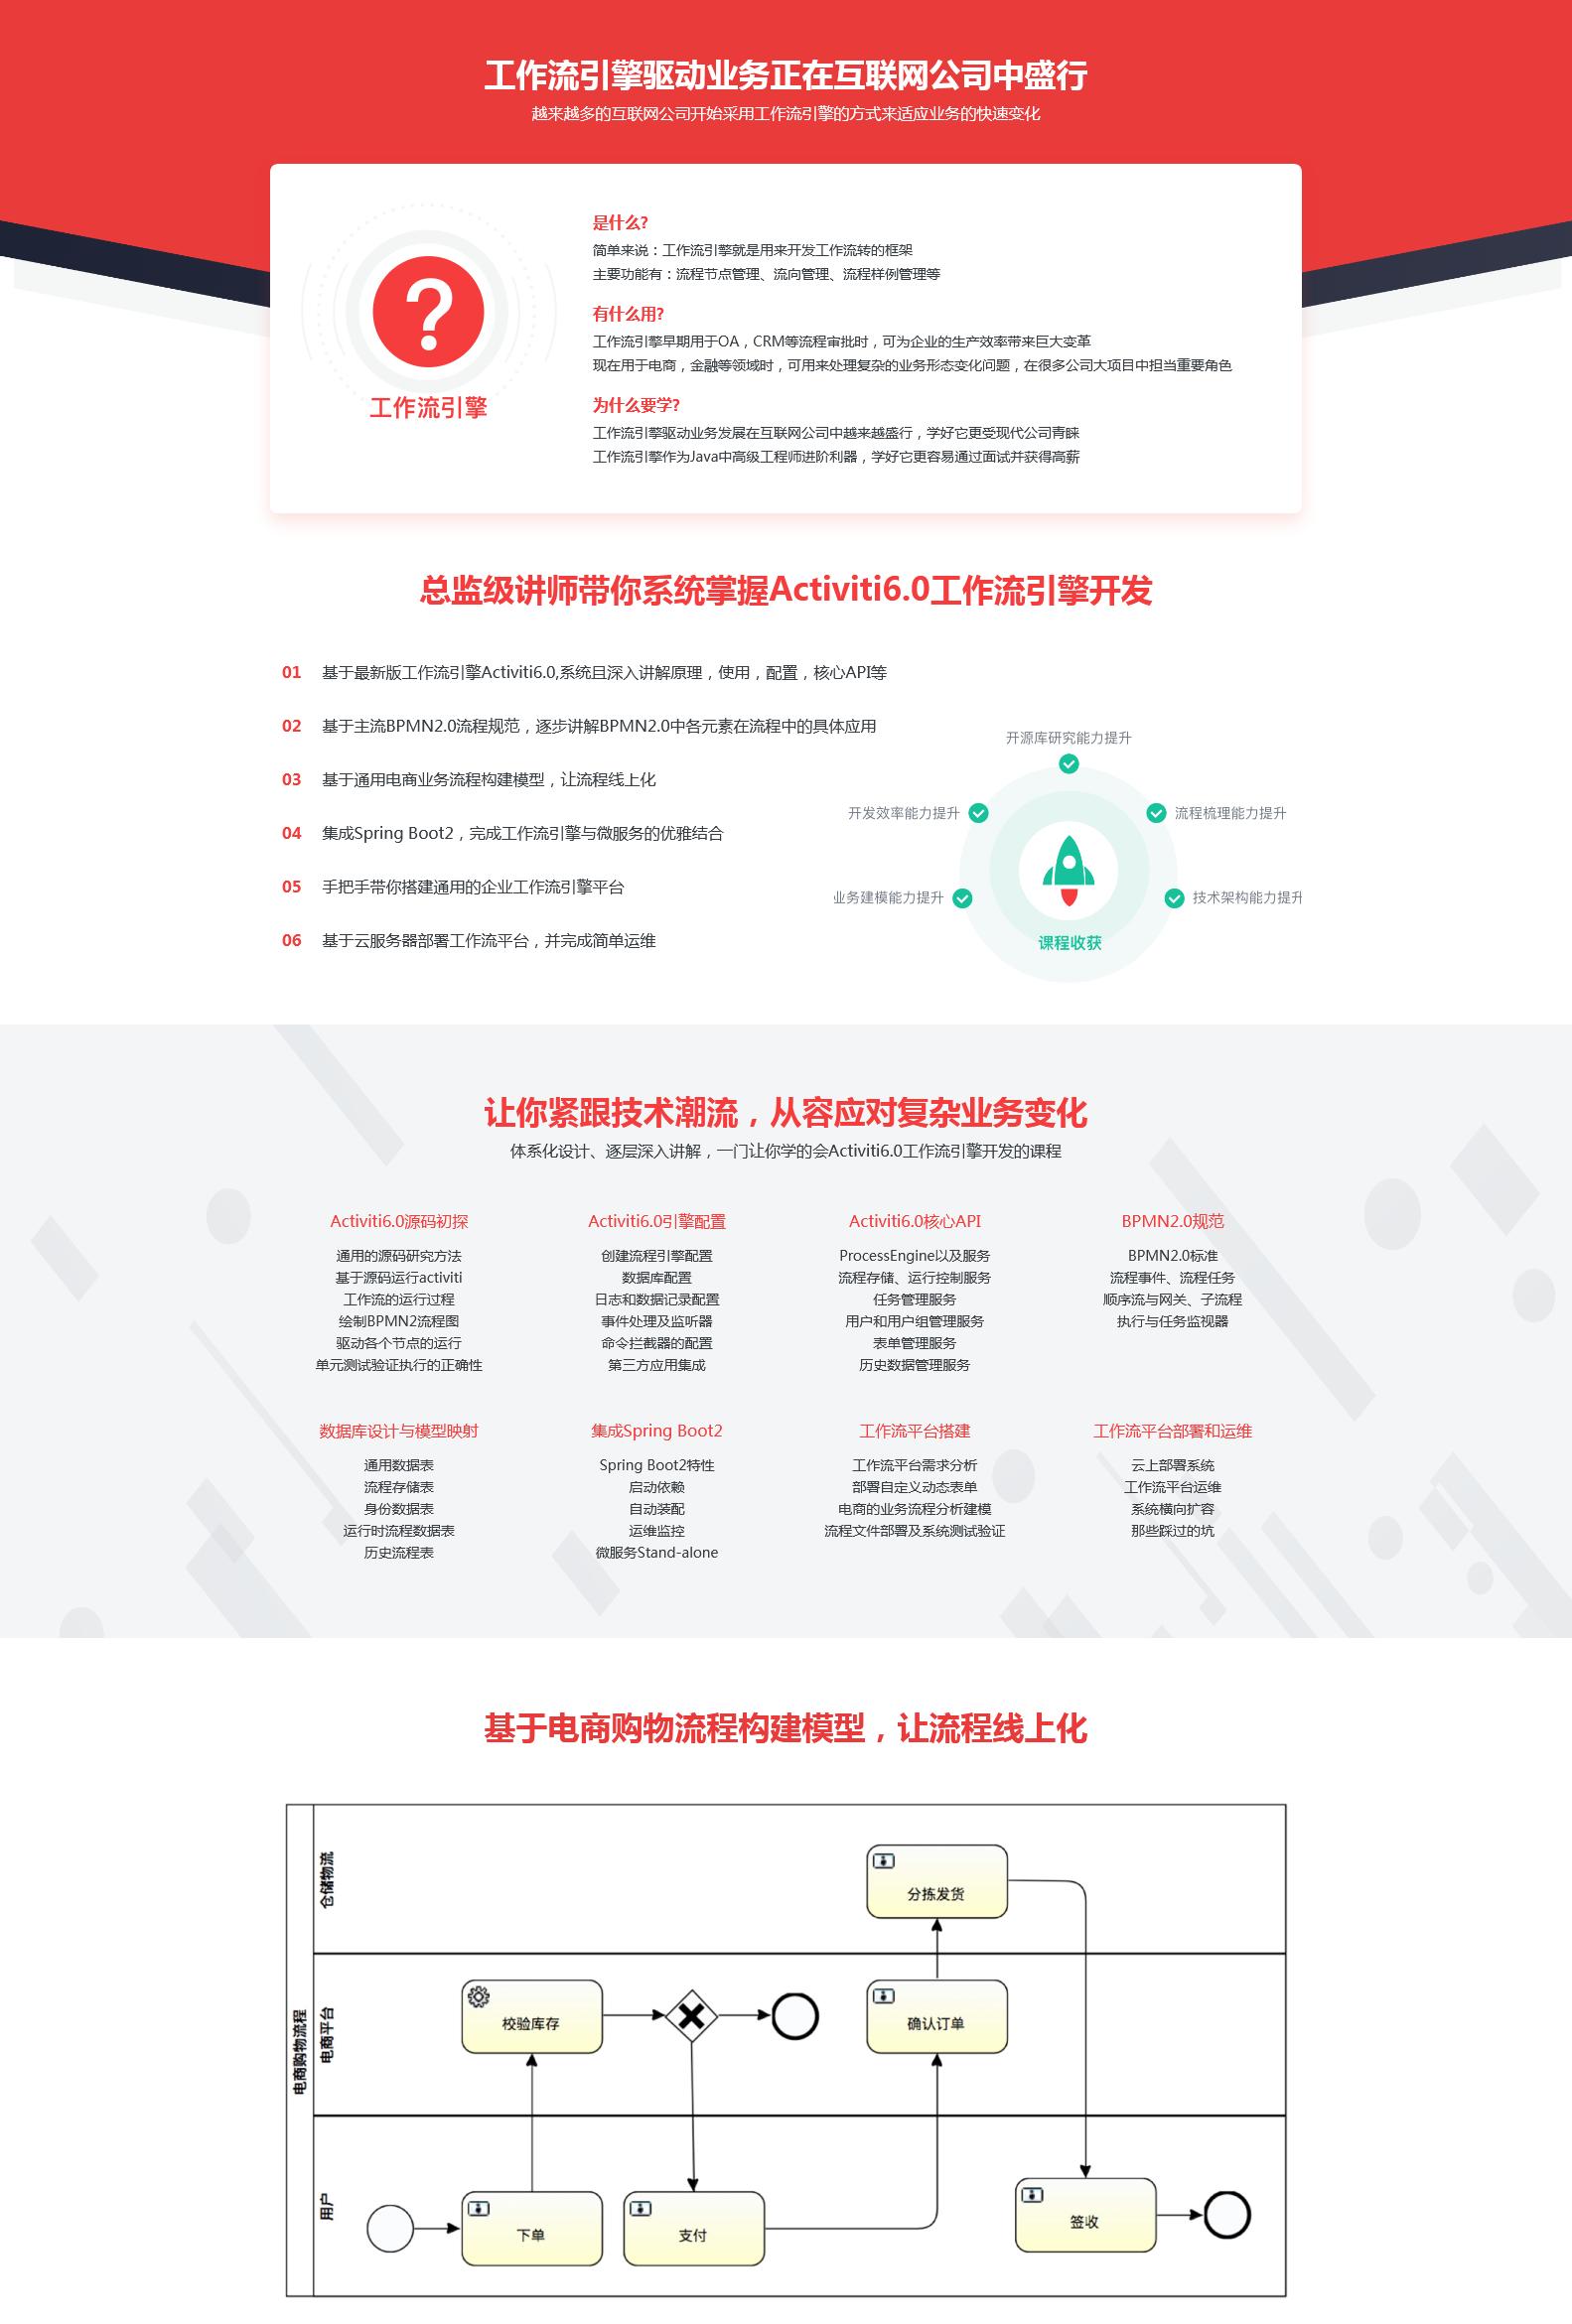 慕课网:Activiti6.0工作流引擎深度解析